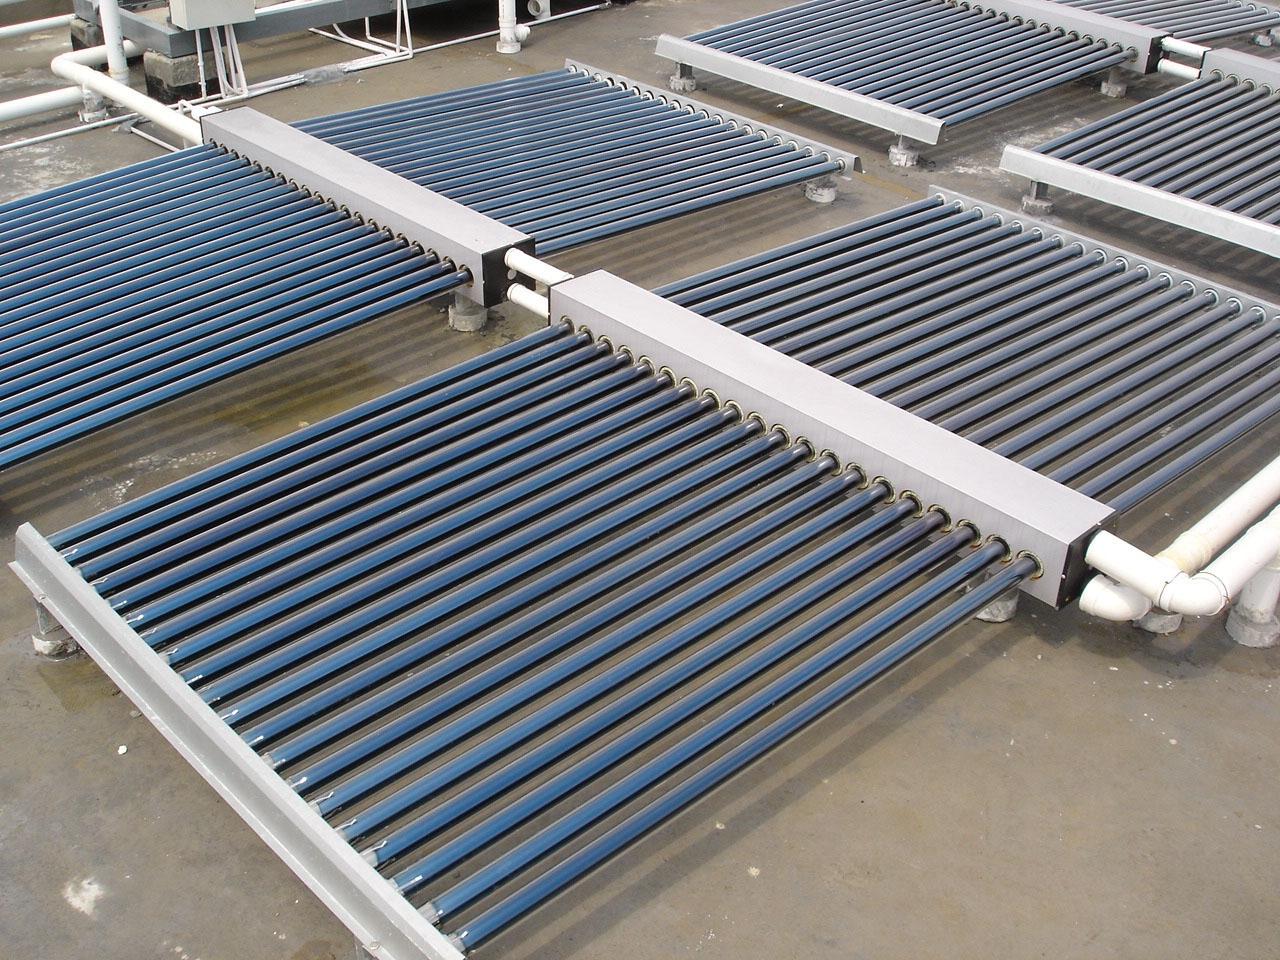 Solarfoz com rcio de aquecimento solar fevereiro 2011 for Schema impianto solare termico fai da te